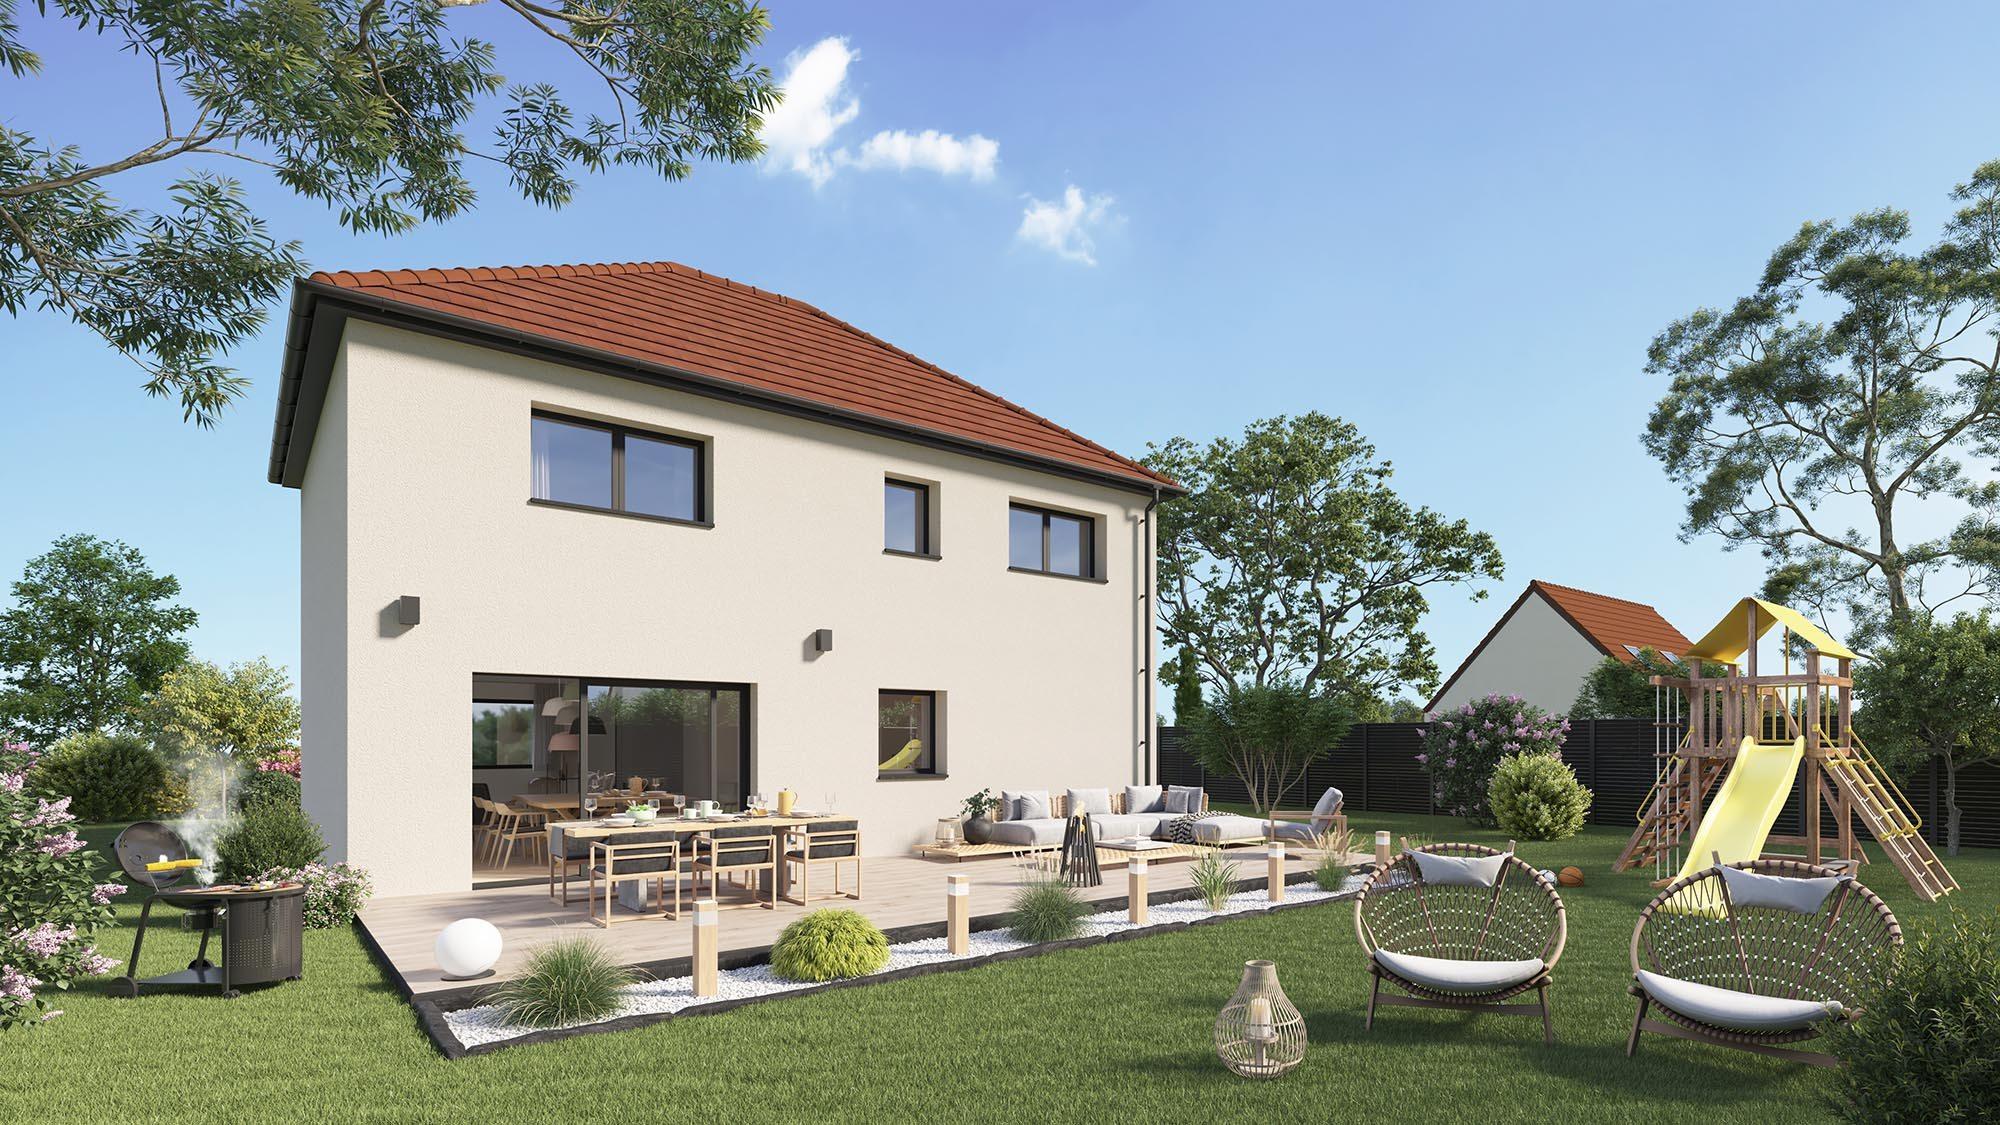 Maisons + Terrains du constructeur MAISON CASTOR REIMS • 116 m² • VILLE EN TARDENOIS